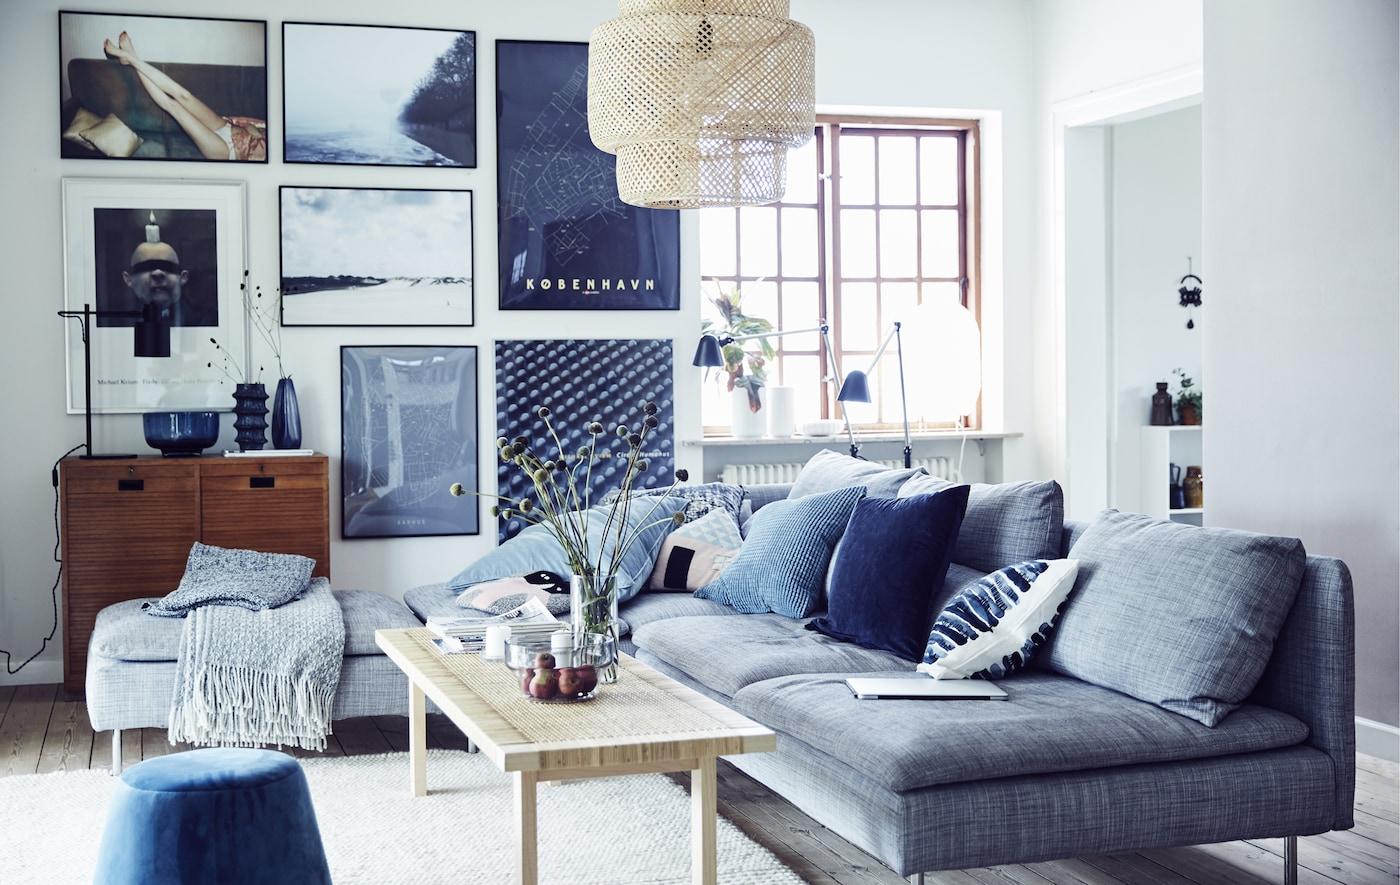 Perfekt Wohnzimmer Umstellen: Tricks Vom Profi. Ein Wohnzimmer In Den Farben Blau,  Weiß Und Grau